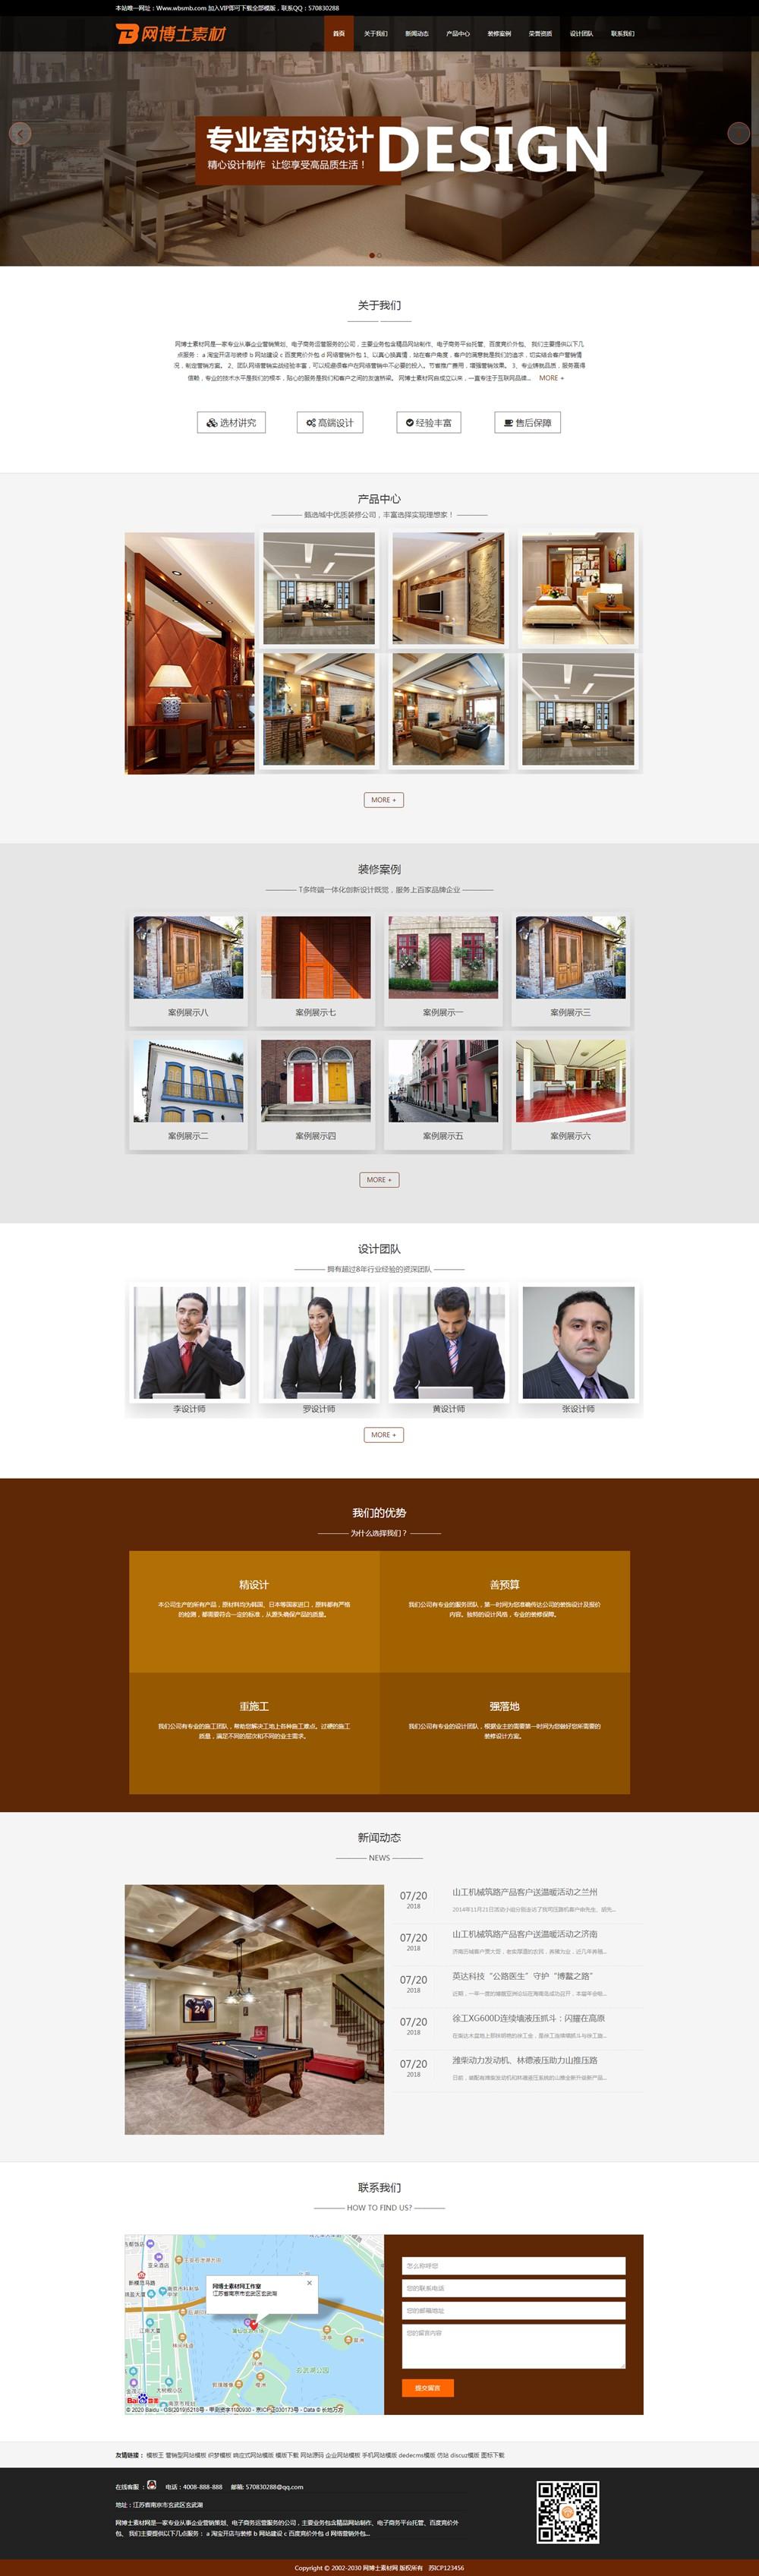 (自适应手机版)响应式装修设计类网站织梦模板 HTML5家装装修公司网站源码下载